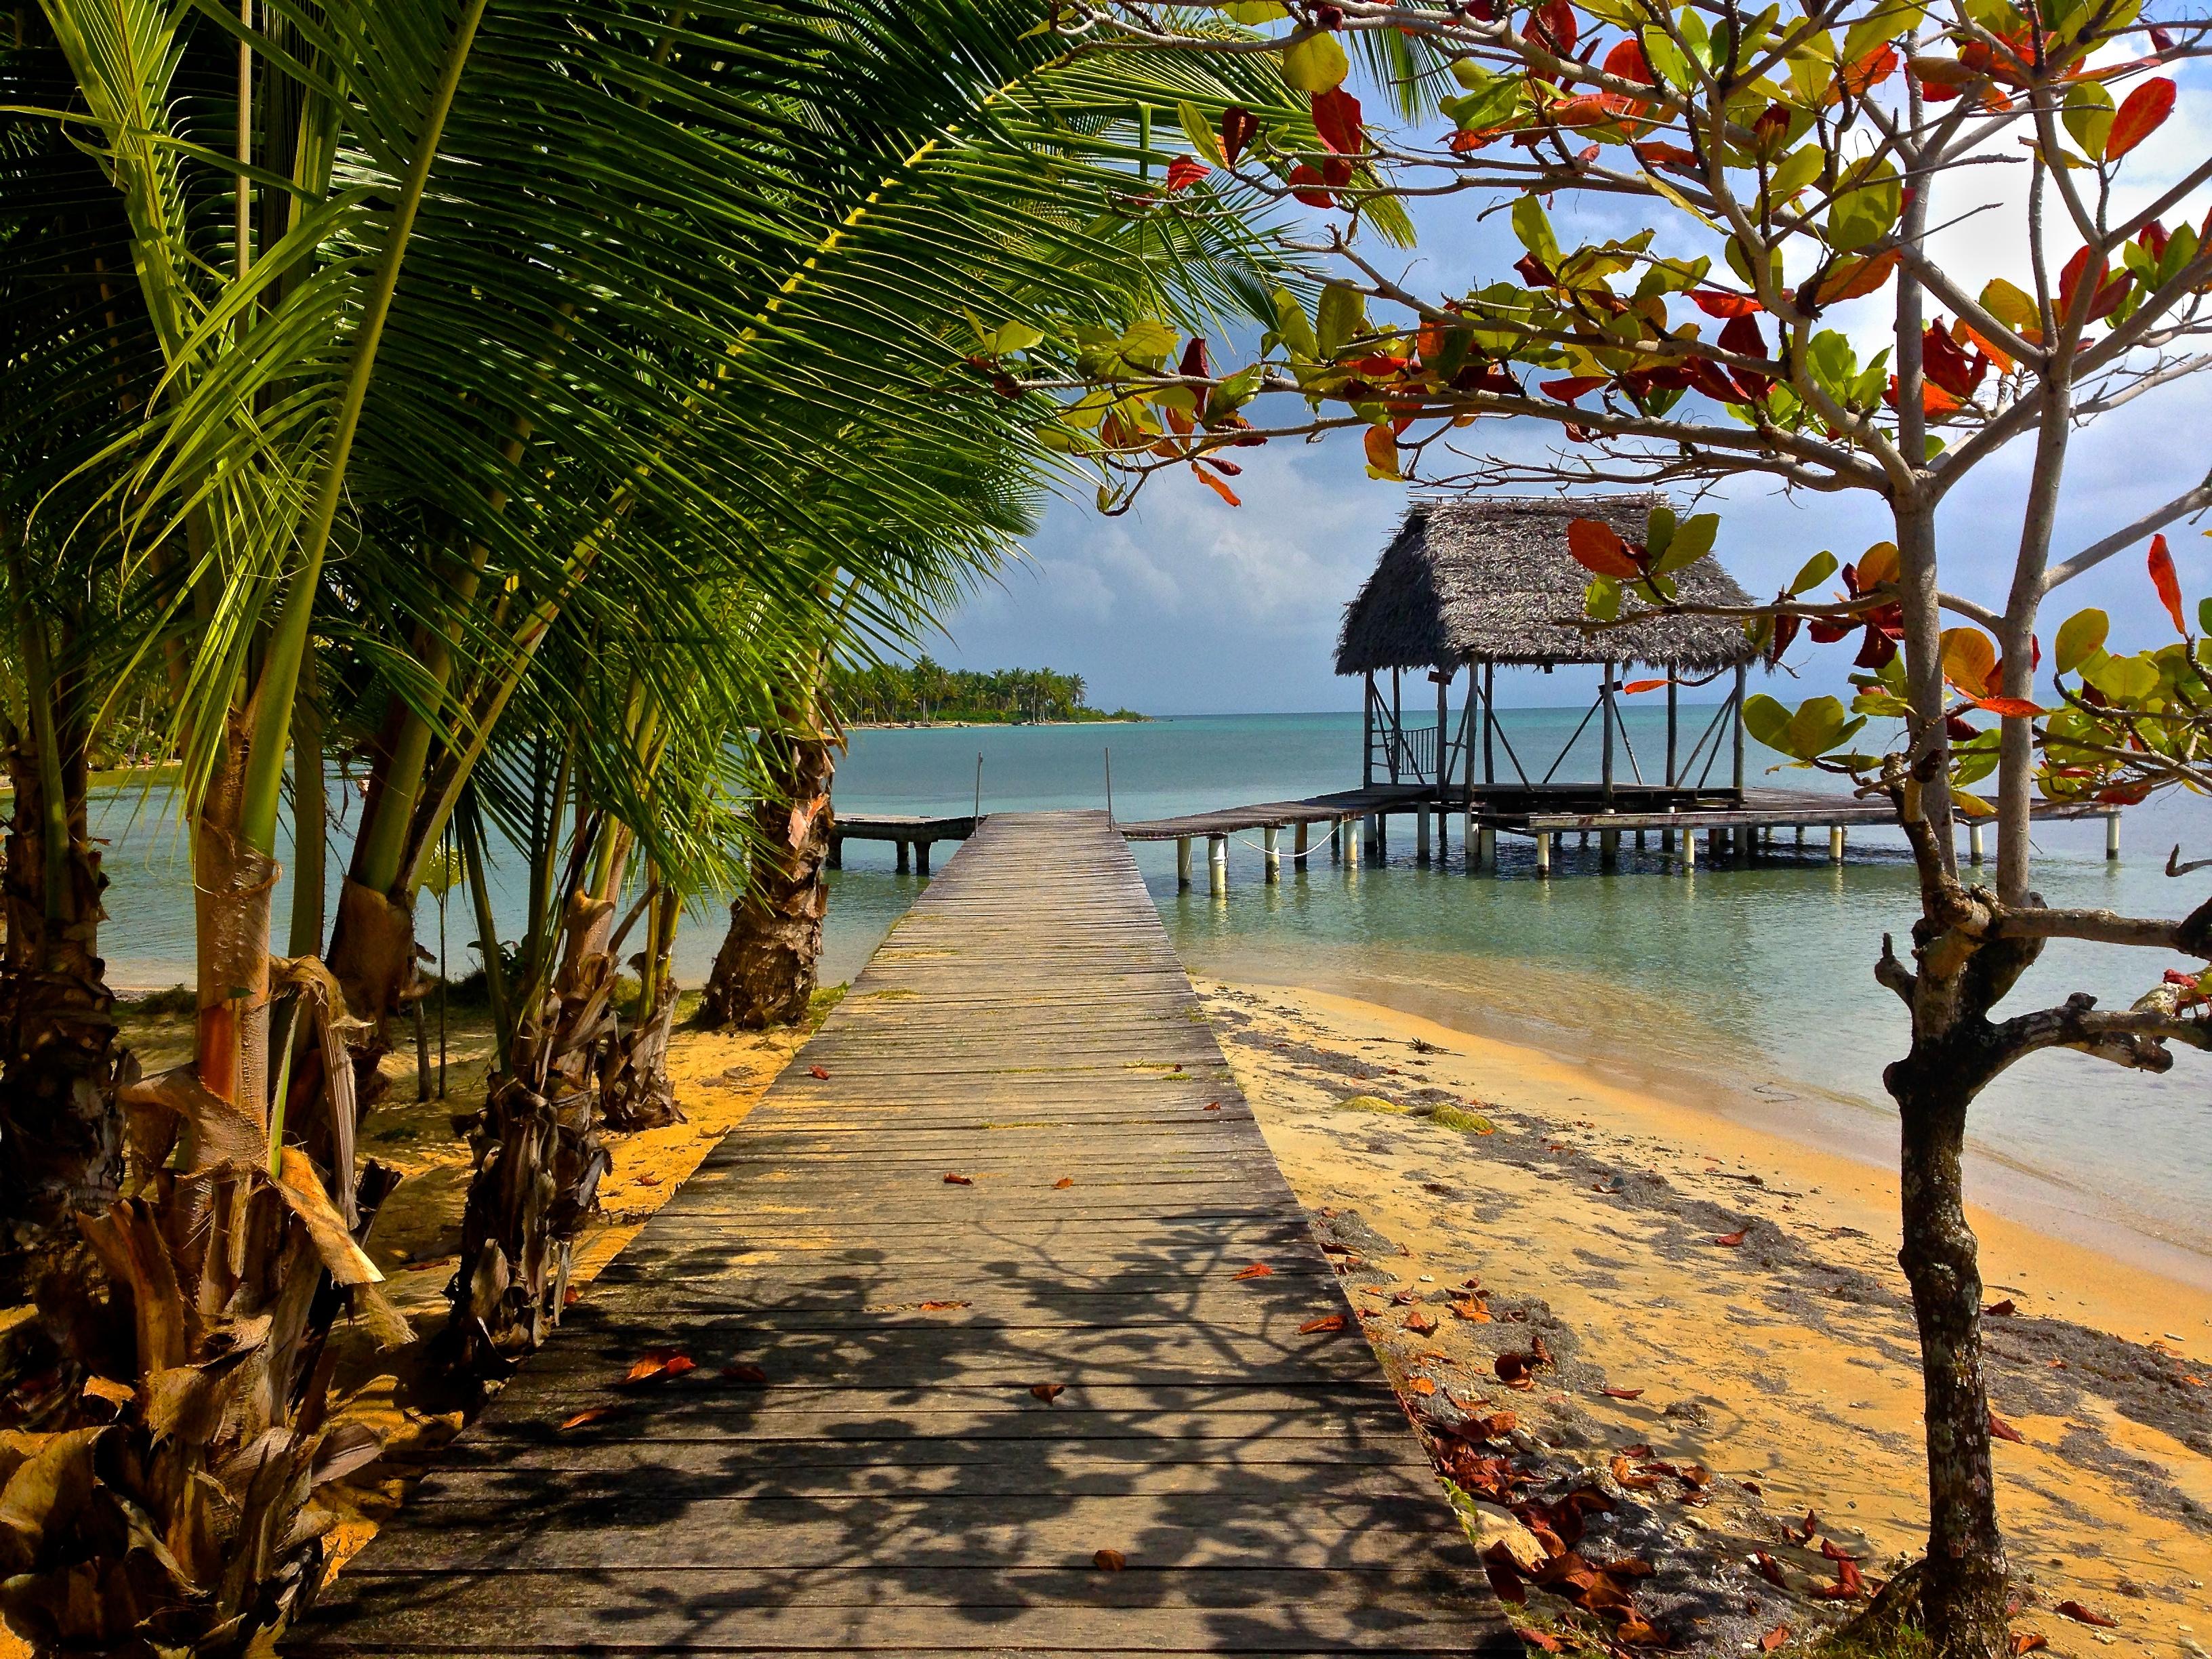 Some lucky guy's dock at Starfish Beach - El muelle de una persona muy afortunada en Playa Estrella